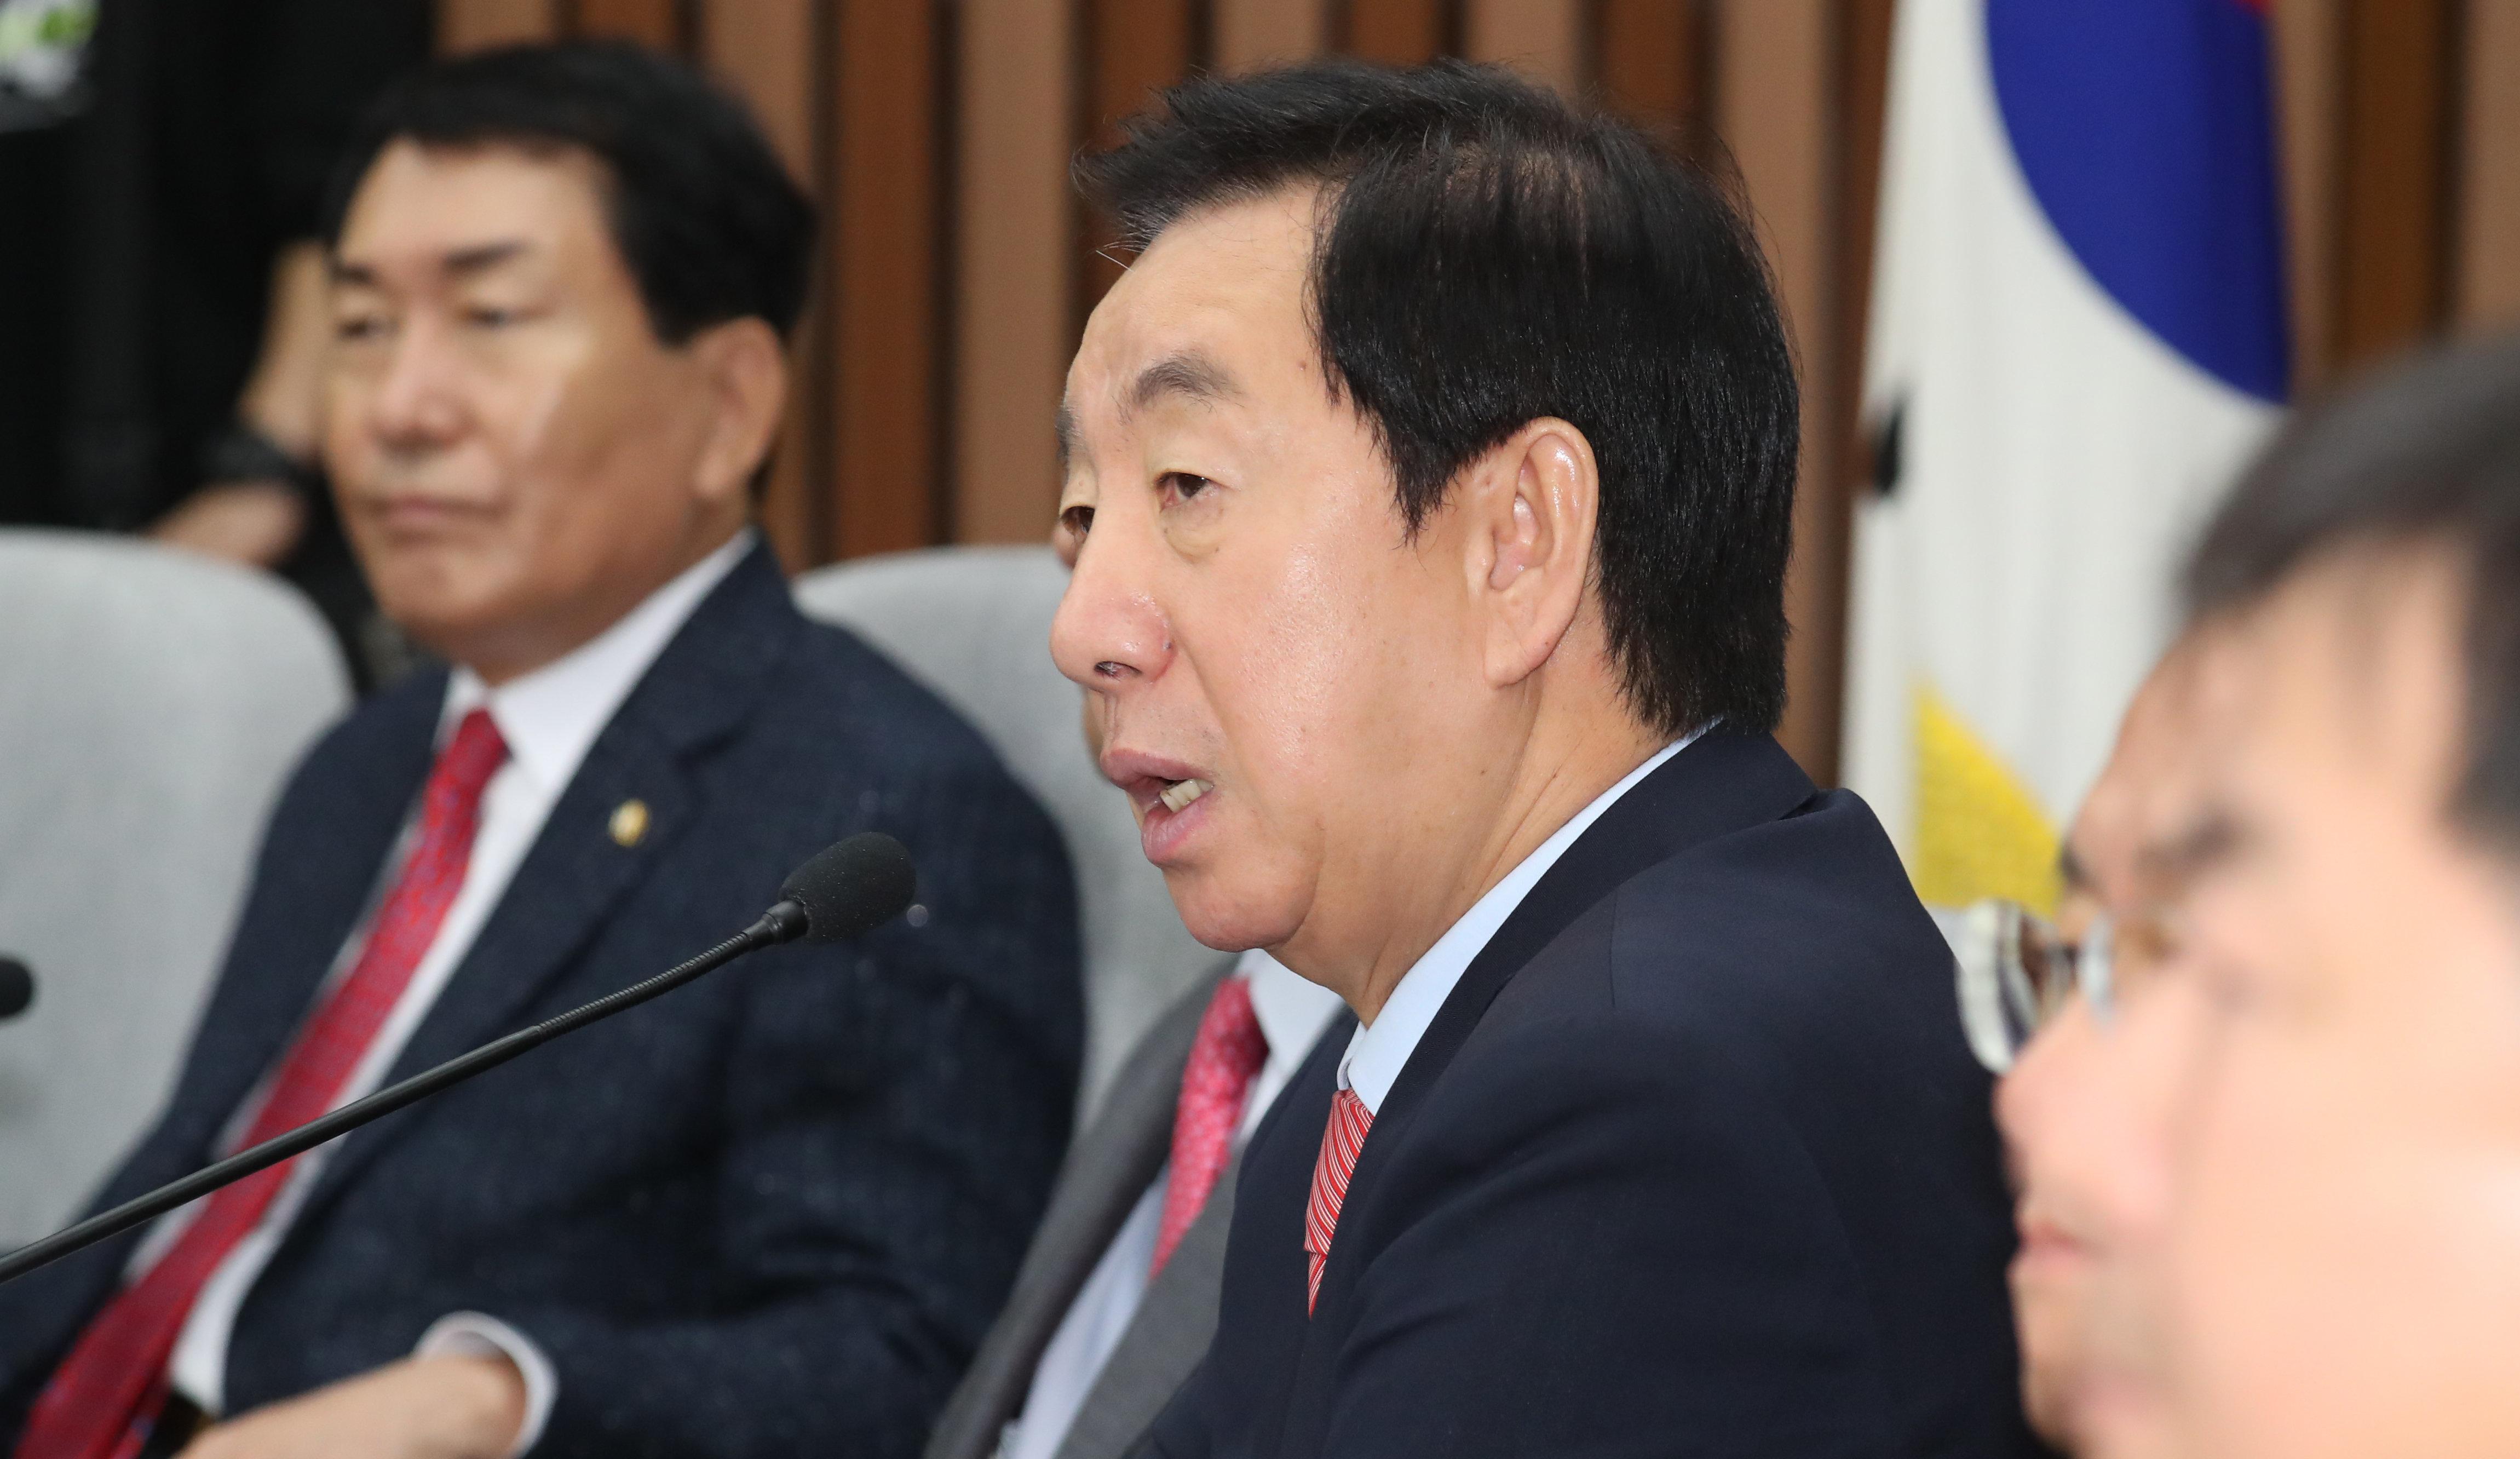 더불어민주당, 'NLL 포기했다는 자유한국당' 주장은